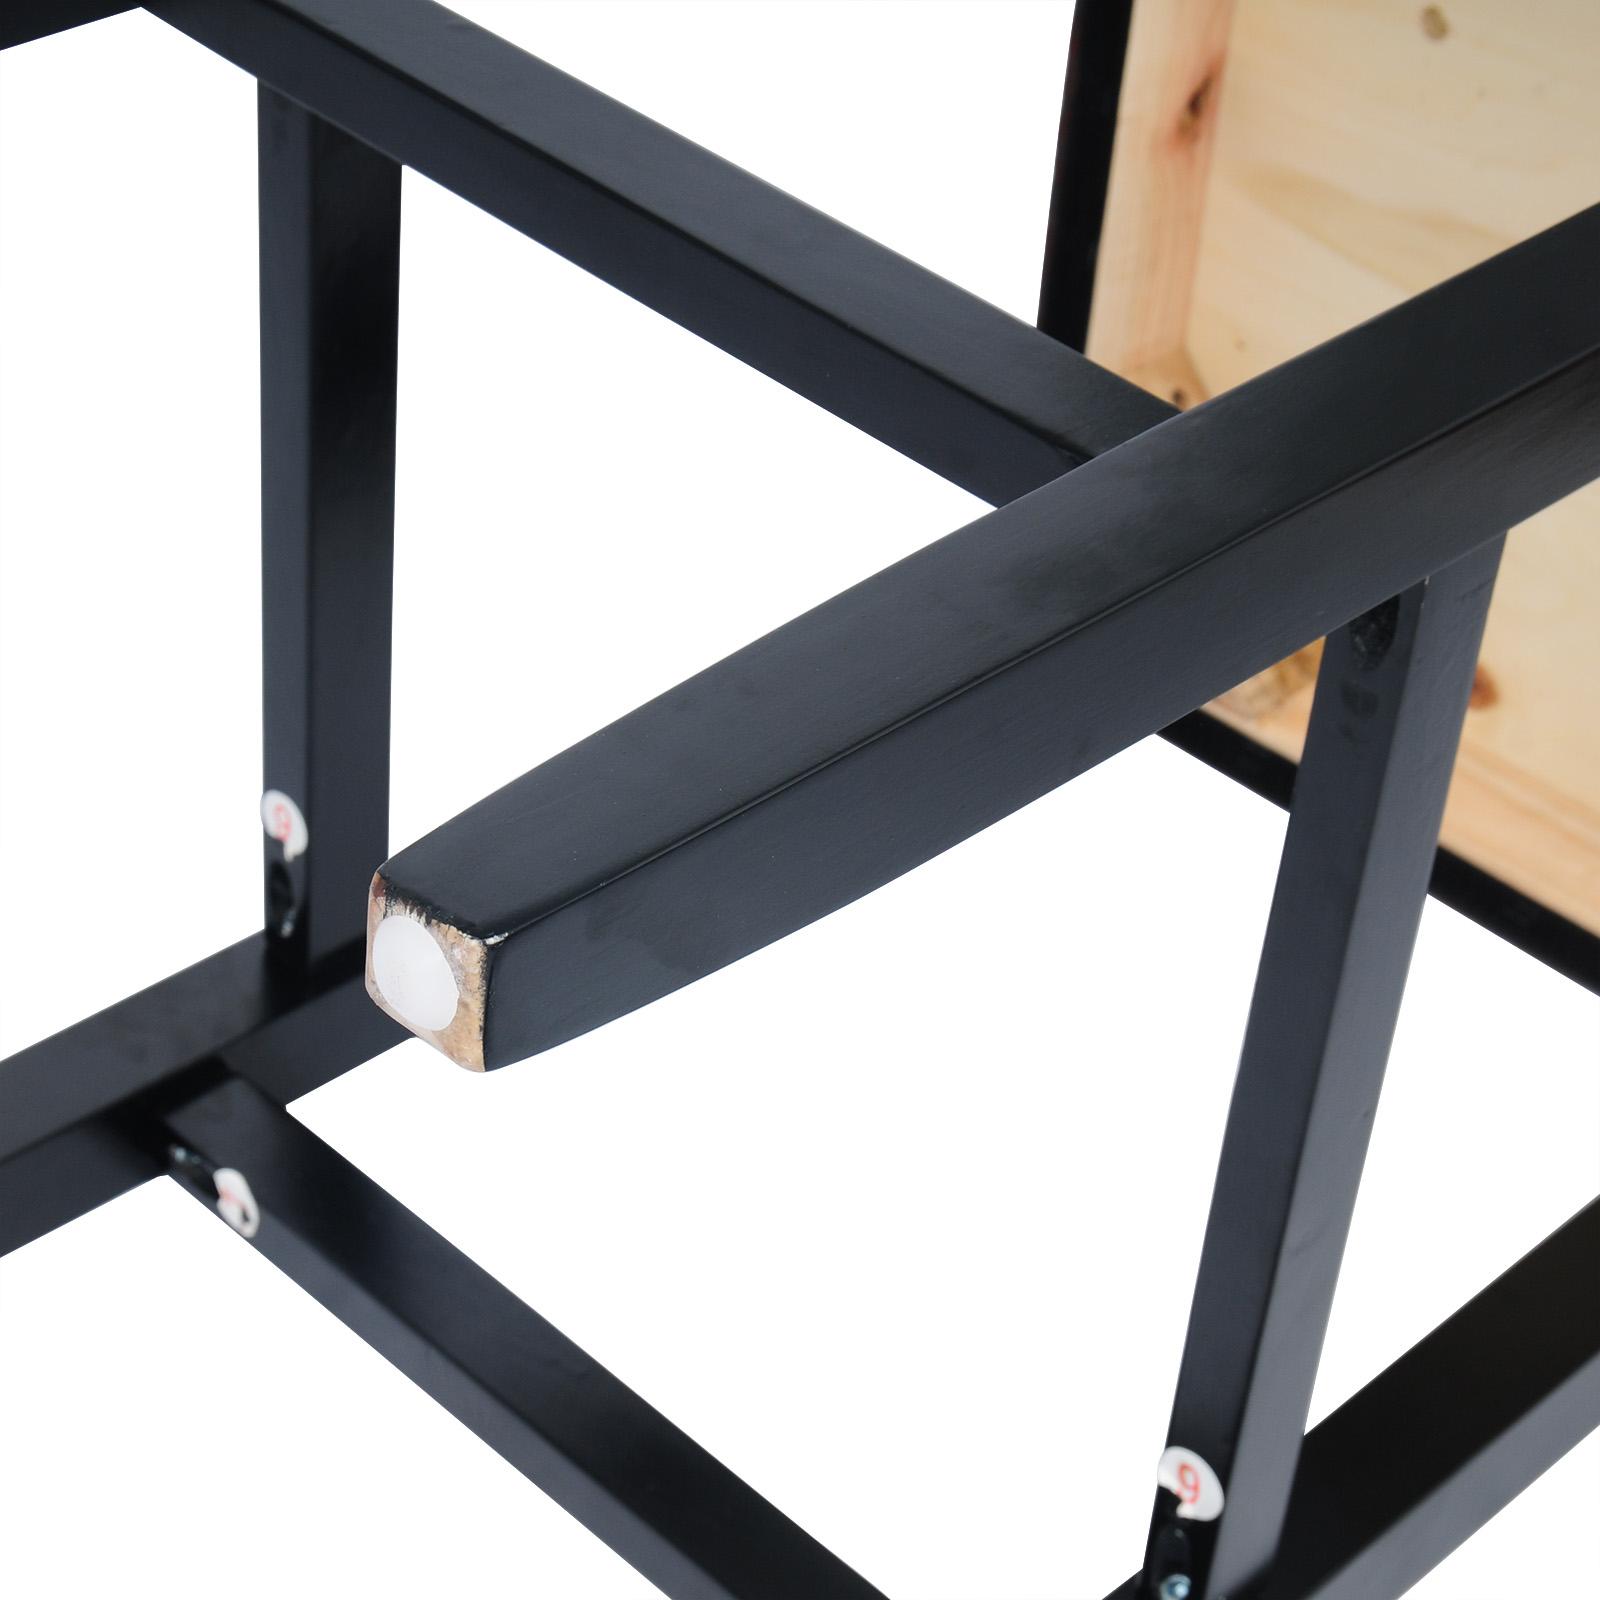 Barhocker Bistrohocker mit Rückenlehne Antiklederoptik Holz Kunstleder #686-24